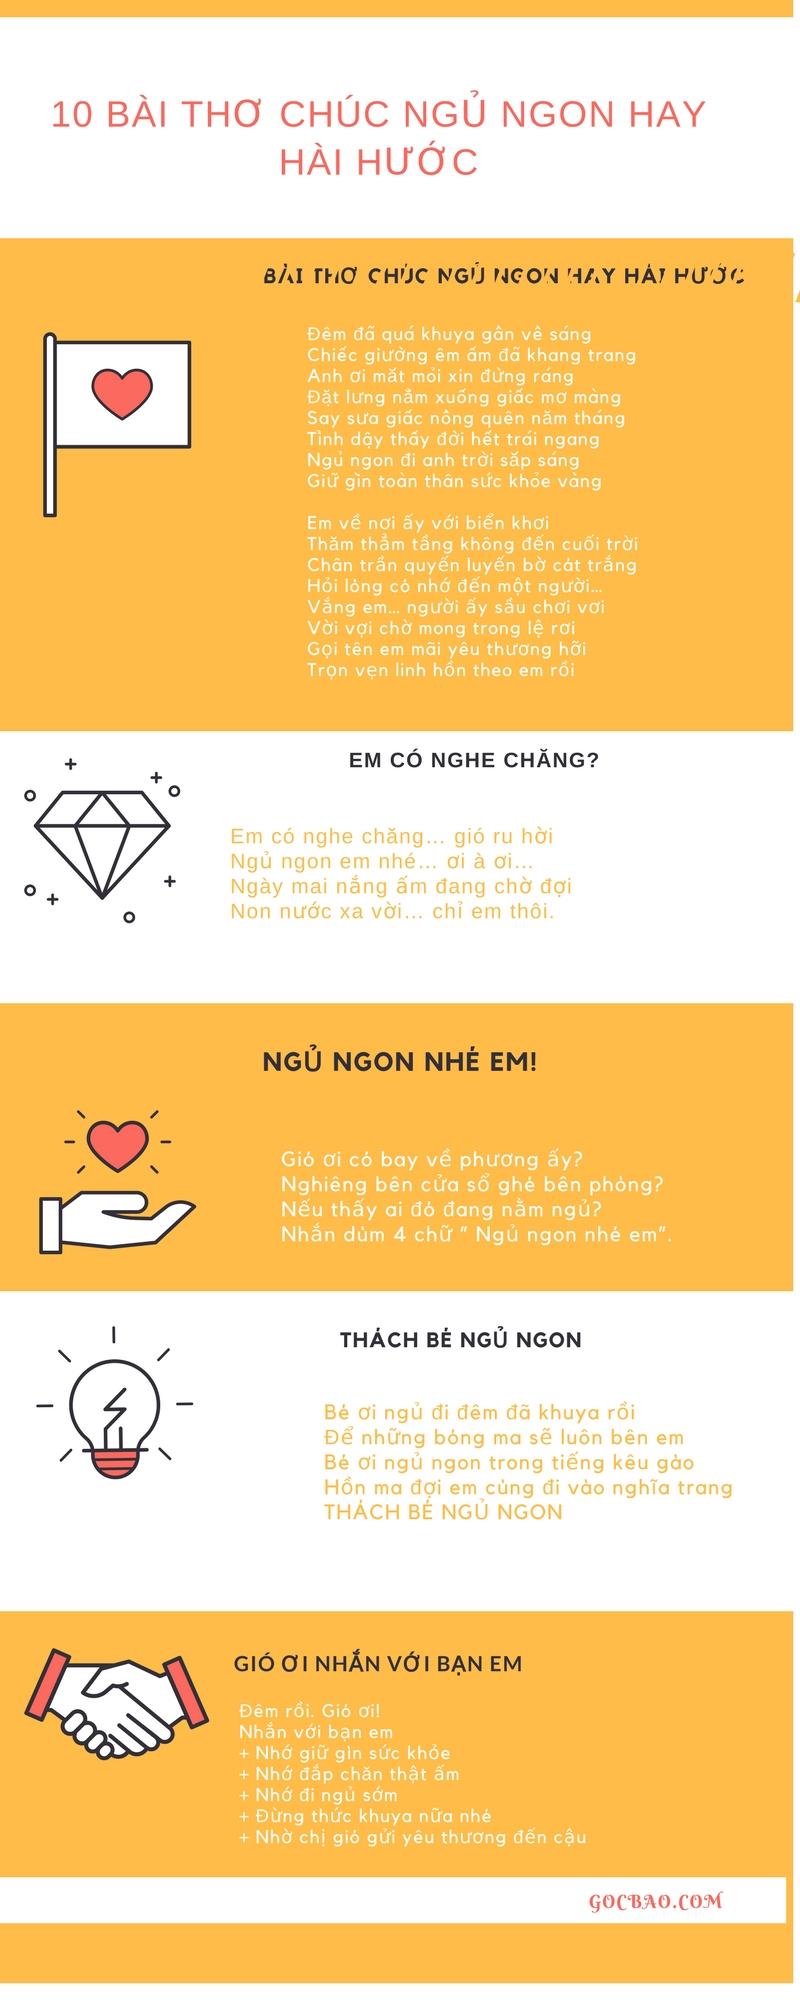 Top 10 Bài thơ Chúc Ngủ Ngon Hay Lãng Mạn Và Hài Hước Nhất